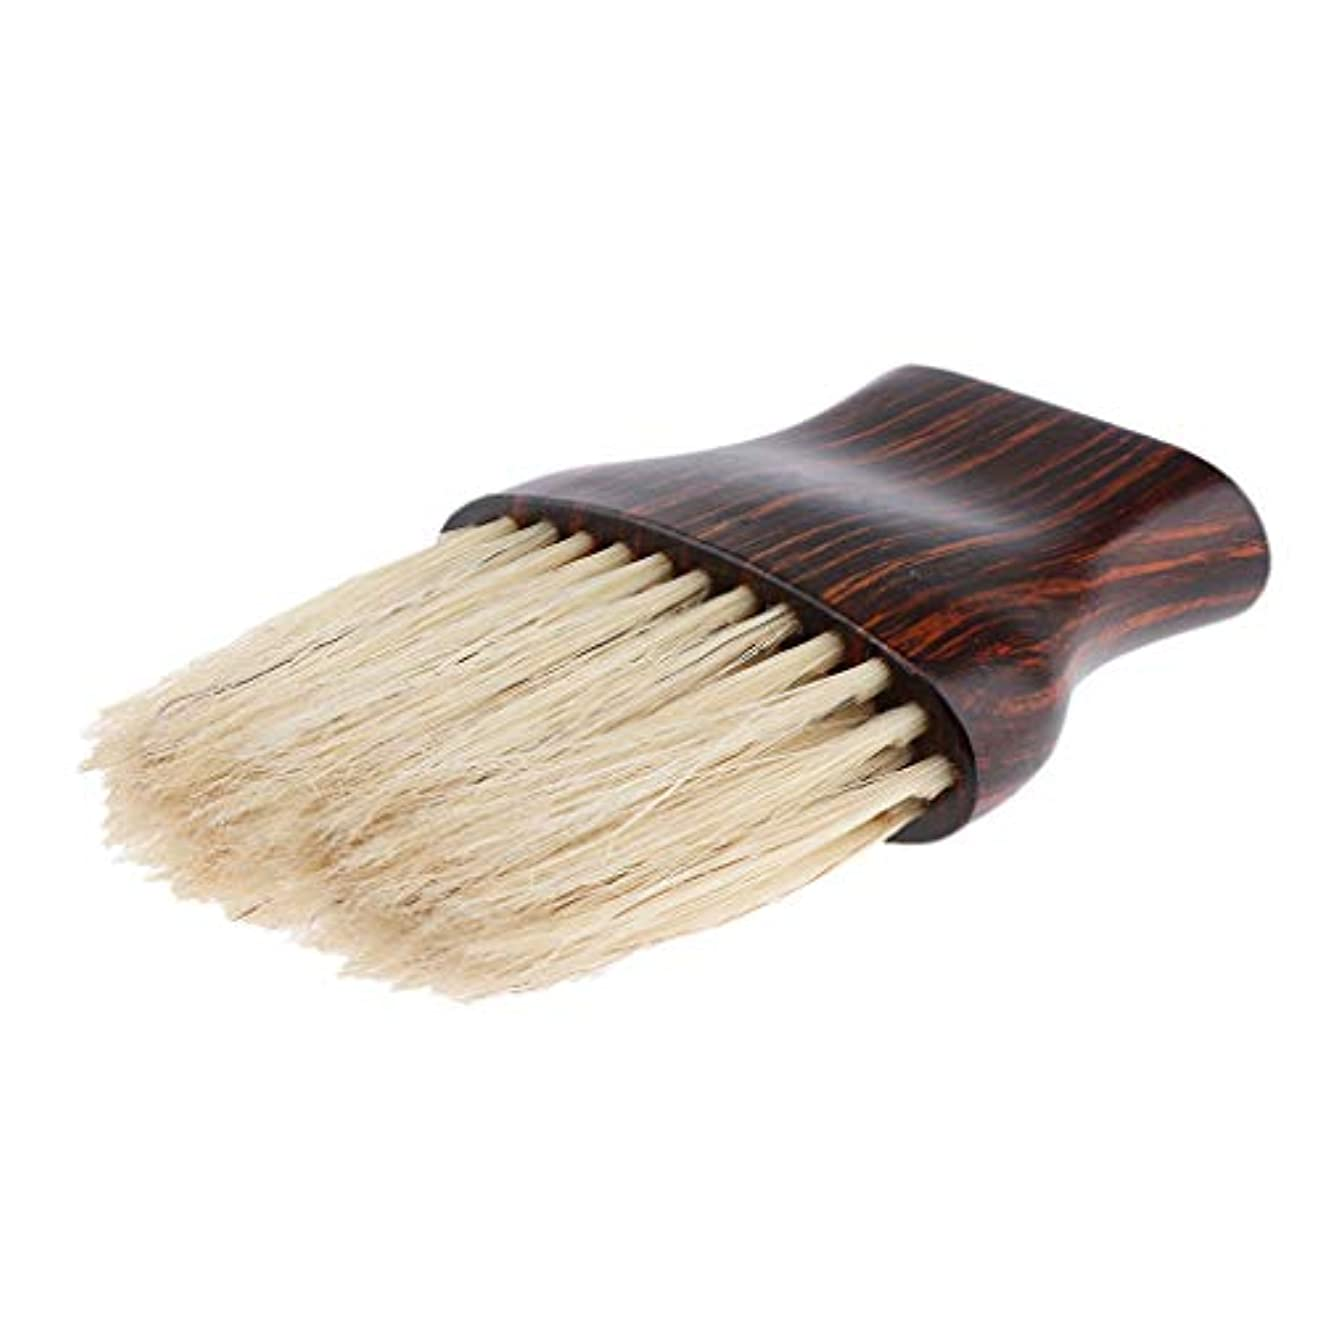 ブルジョンカニメニューヘアカットブラシ ネックダスタークリーニング ヘアブラシ 理髪師理髪ツール